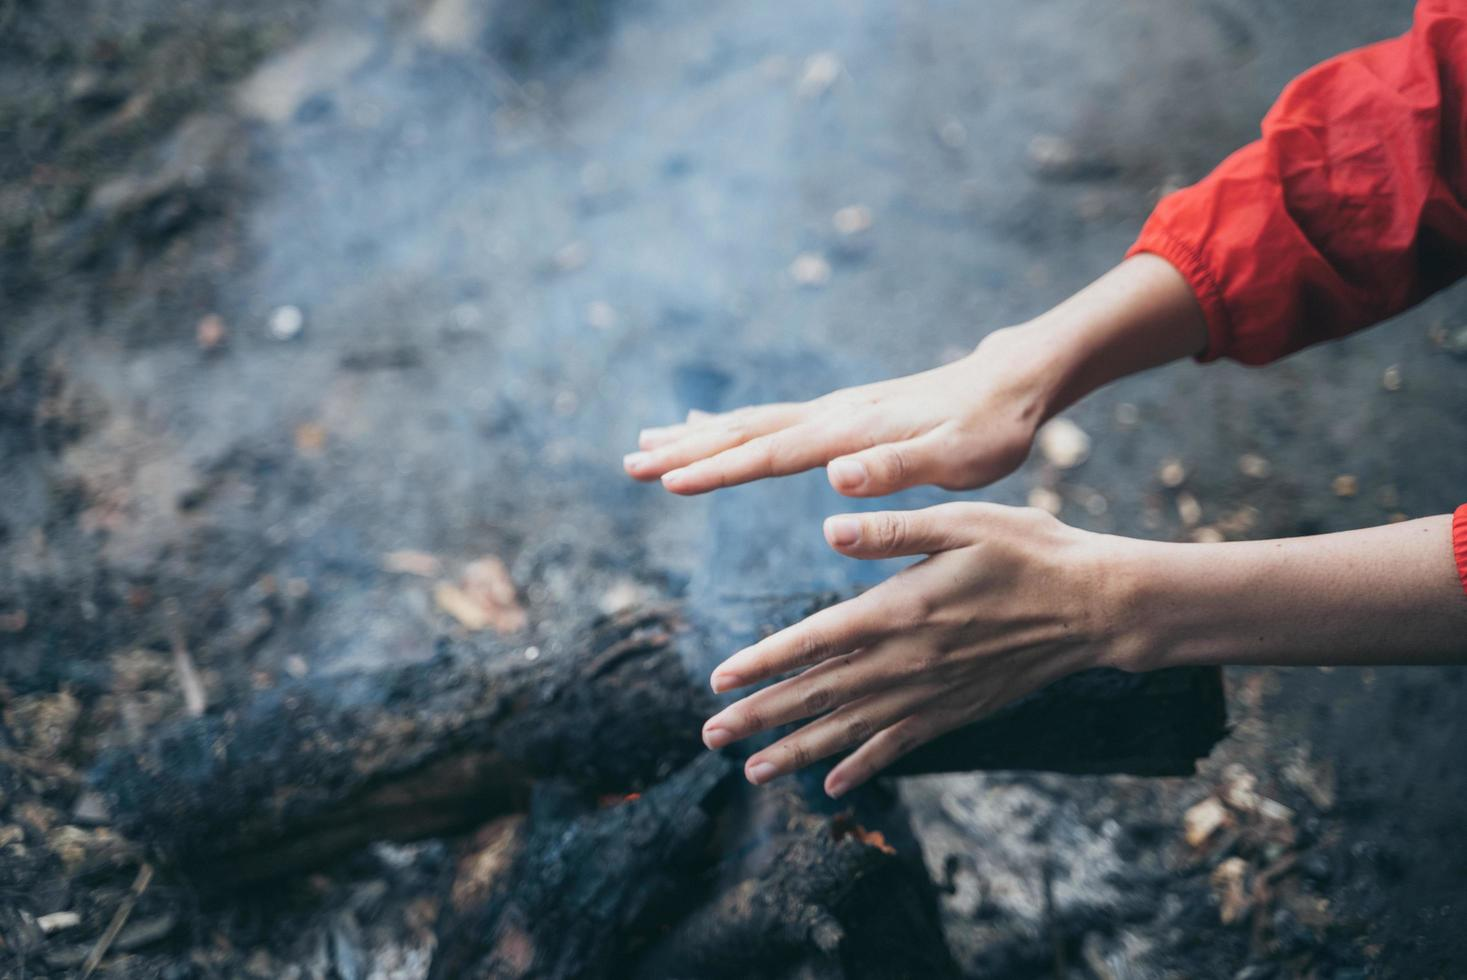 mains réchauffées par le feu photo